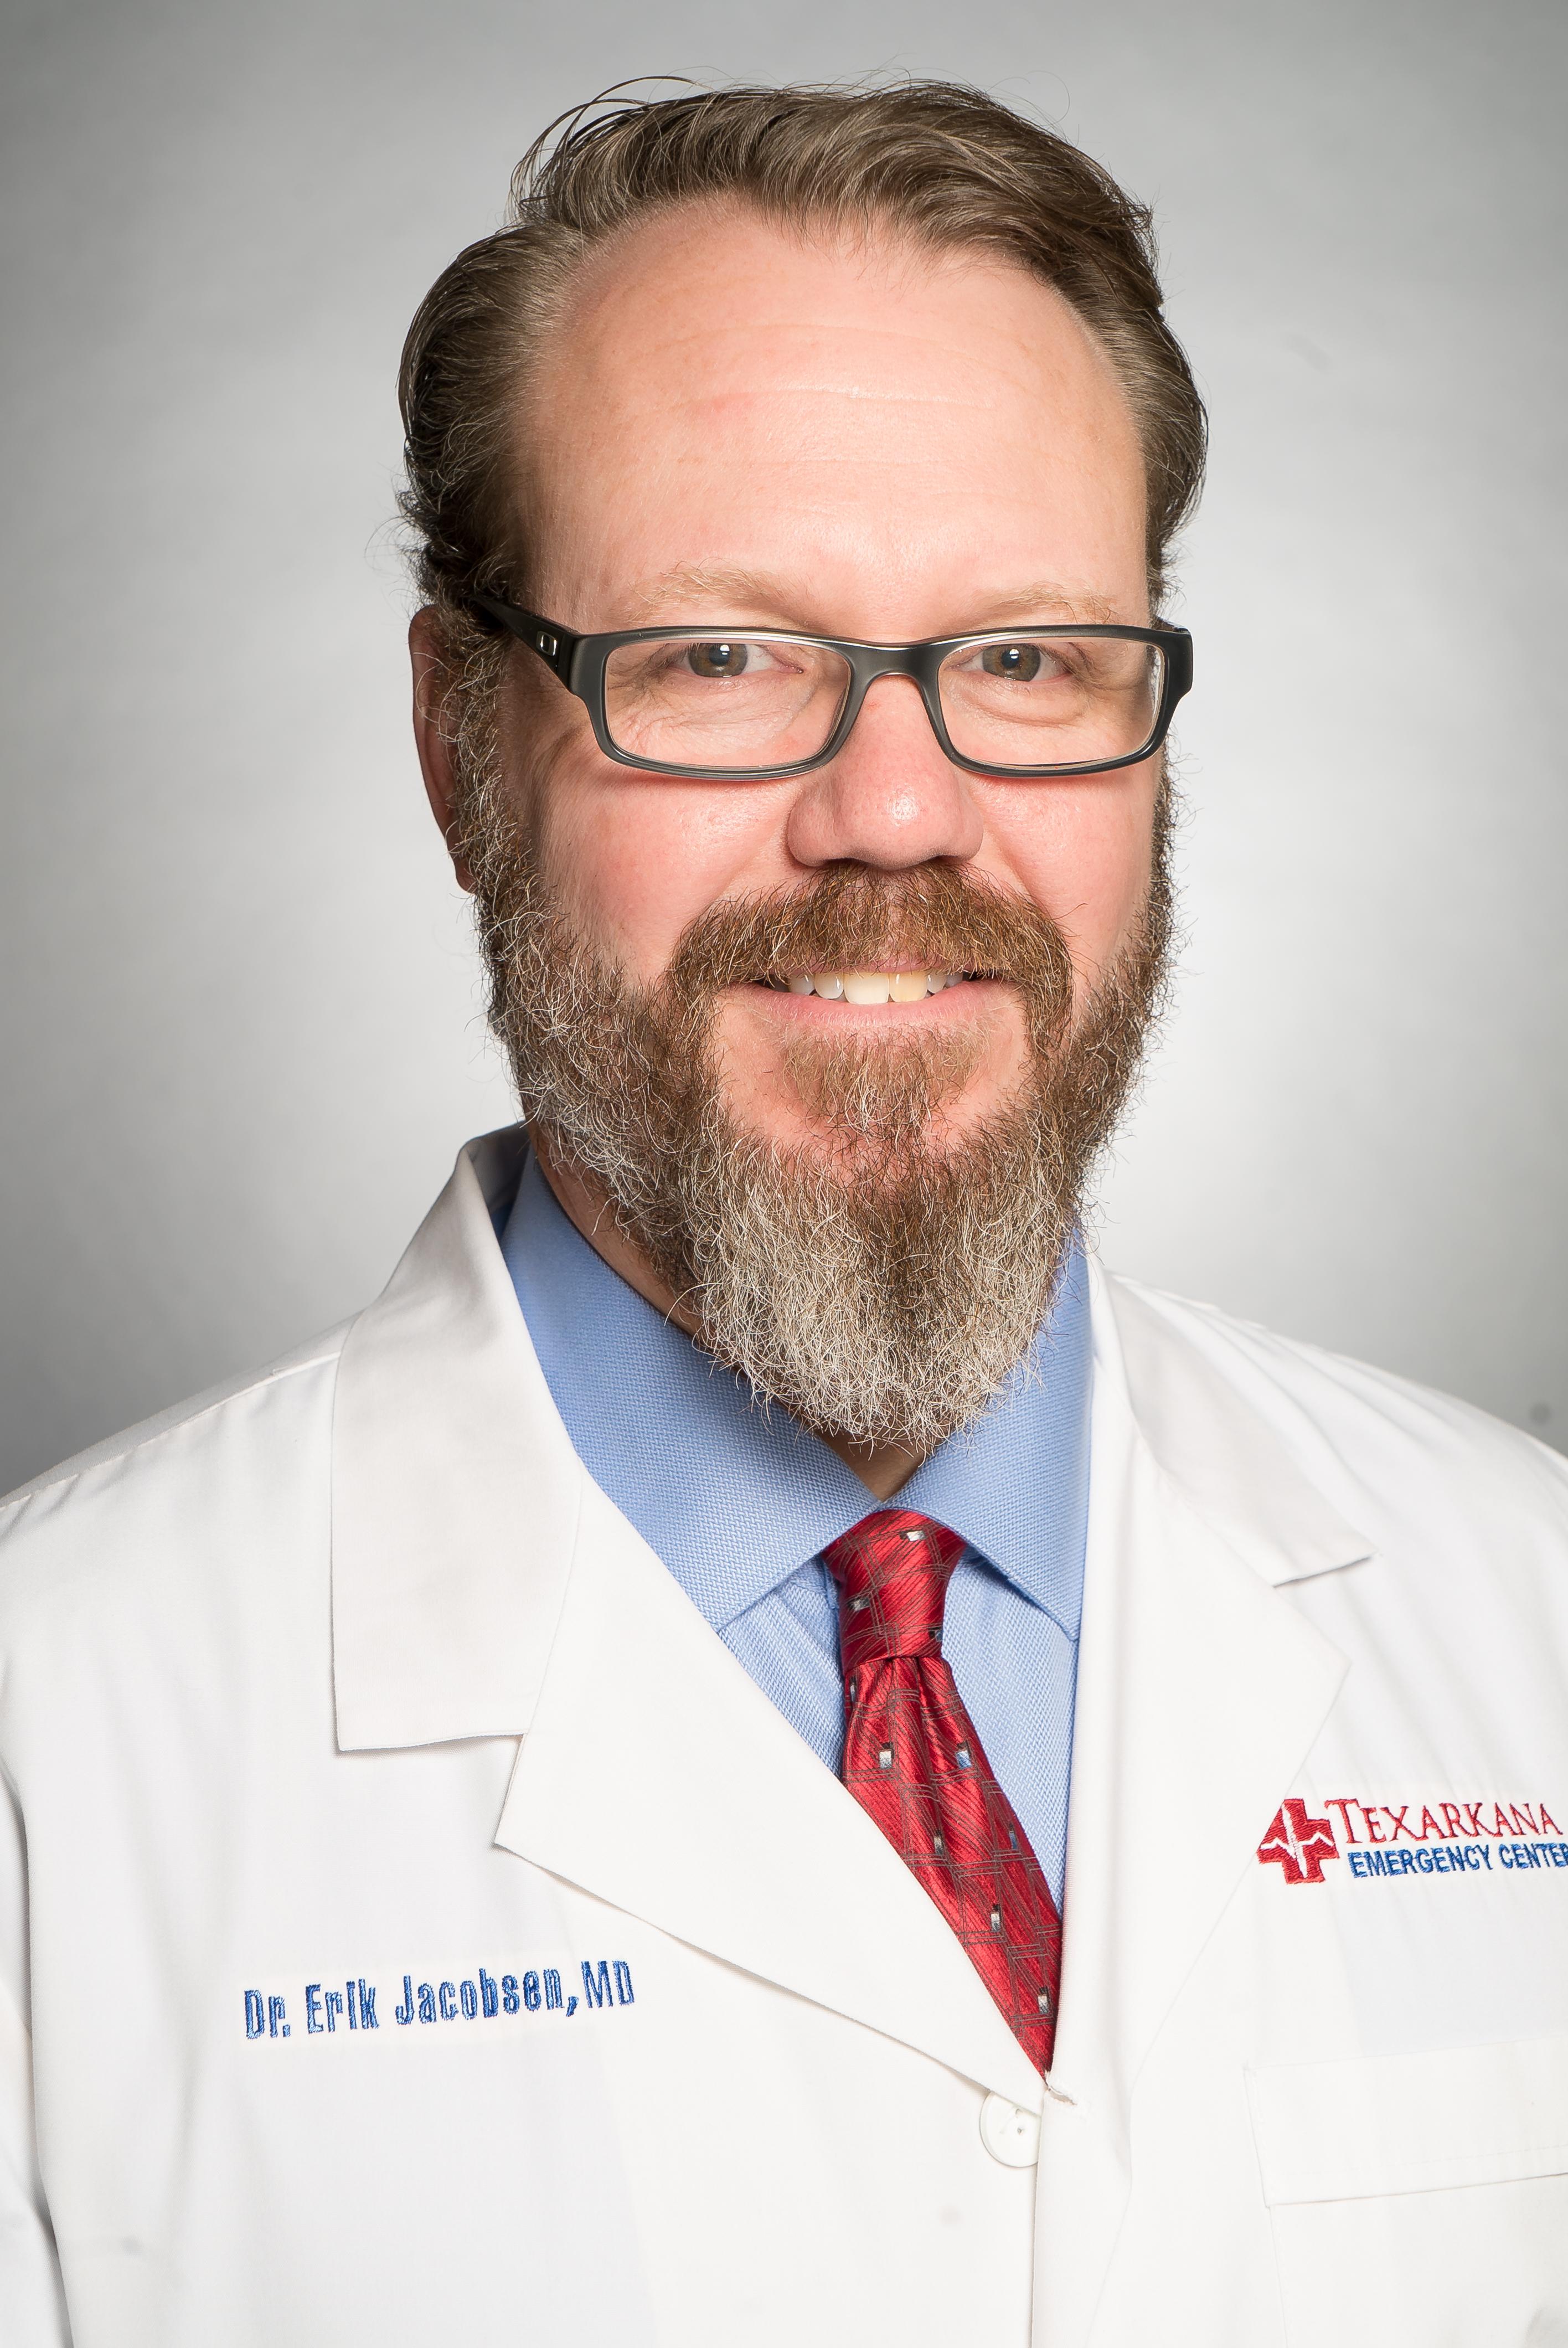 Dr. Erik Jacobsen